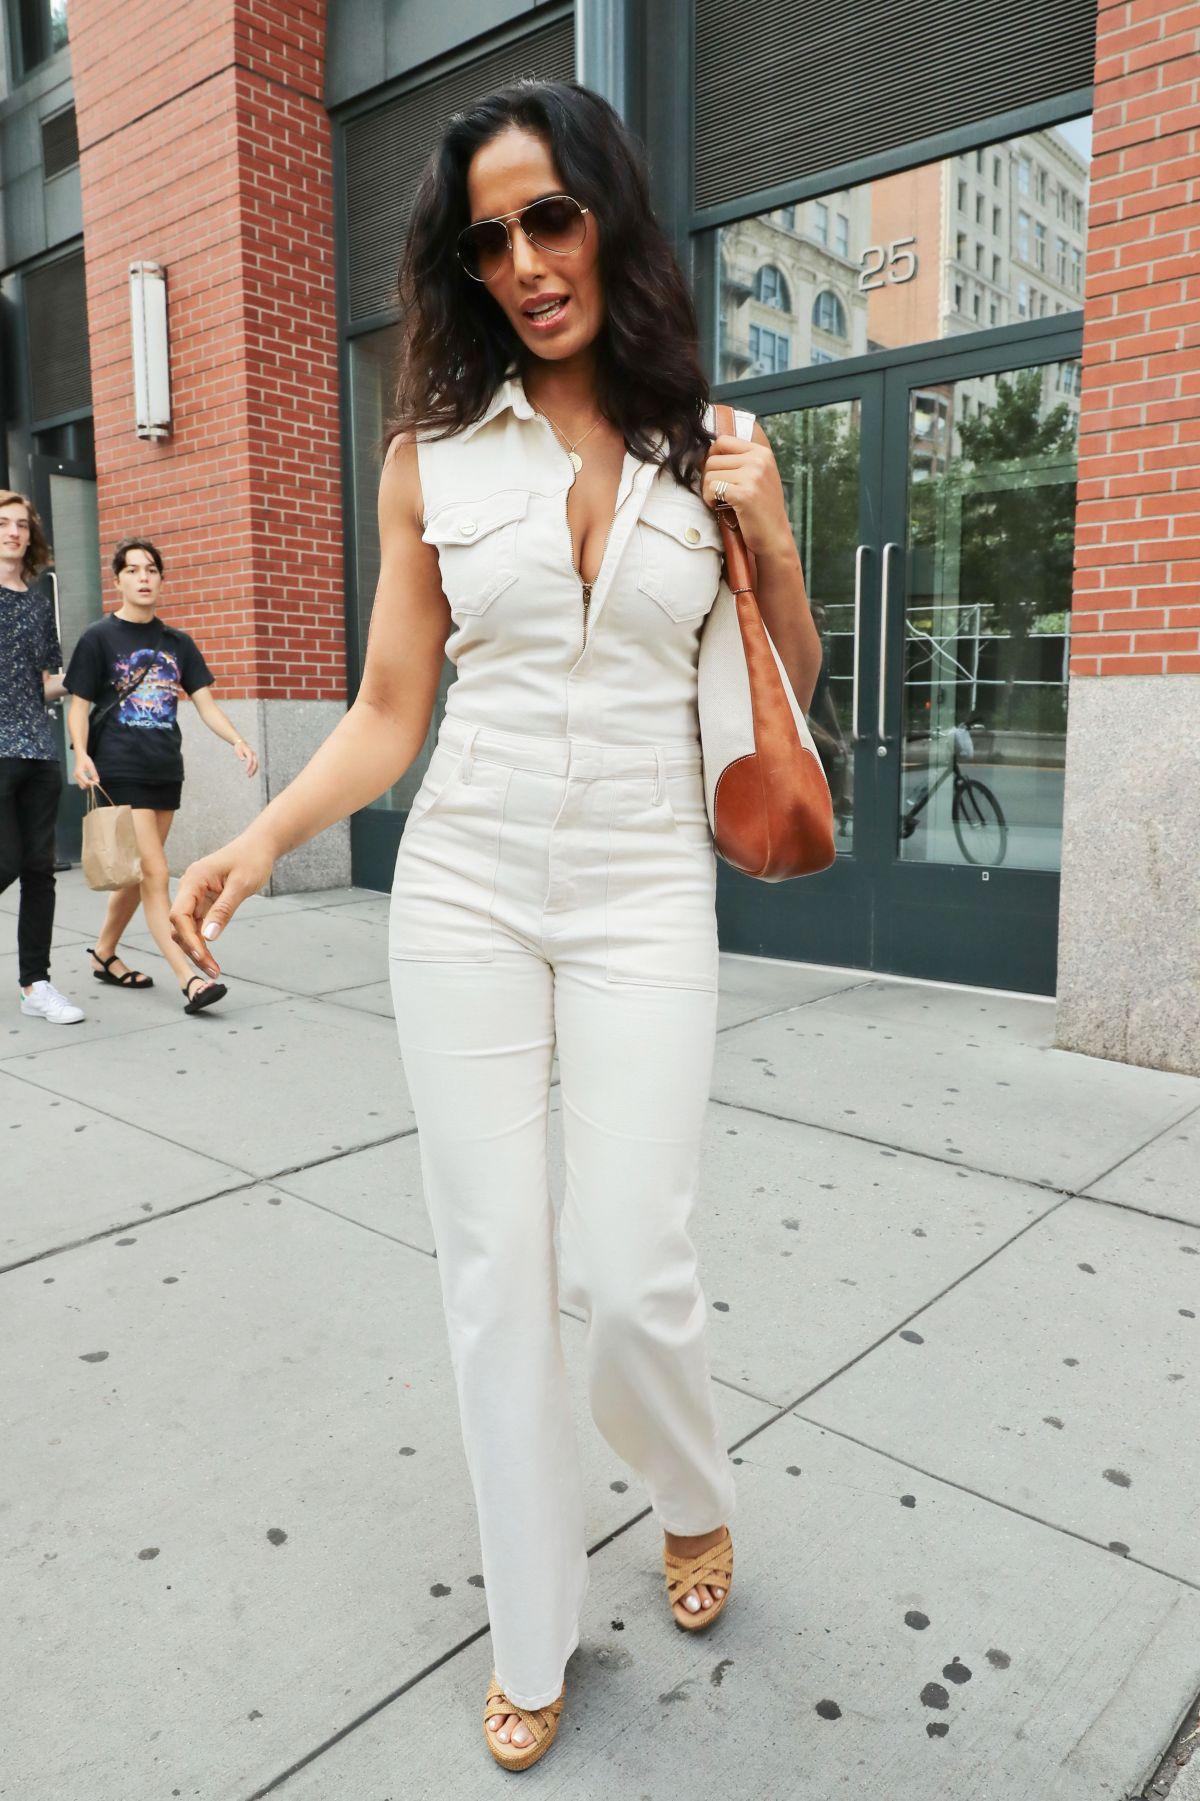 Superior PADMA LAKSHMI Leaves Her Apartment In New York 08/26/2016